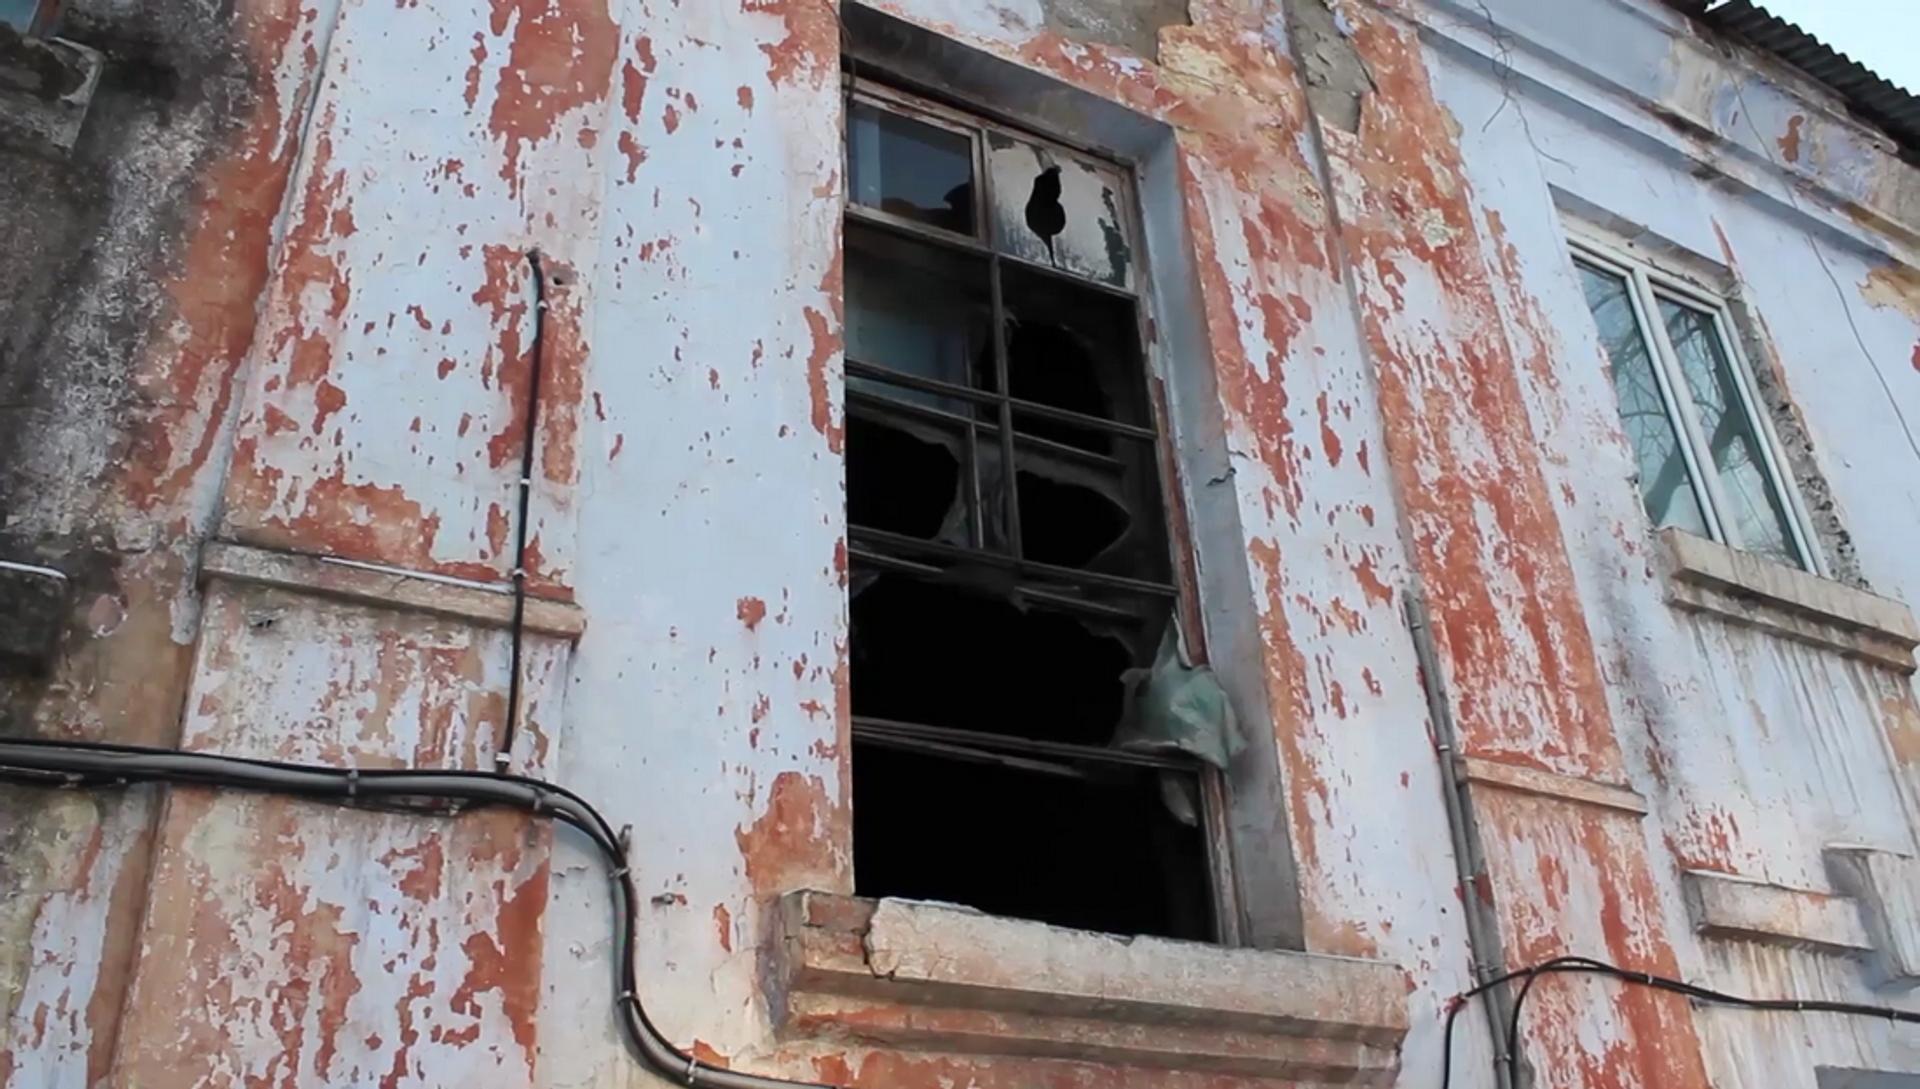 Два сотрудника ДПС в Уссурийске эвакуировали жителей дома, где начался пожар - РИА Новости, 1920, 22.01.2021